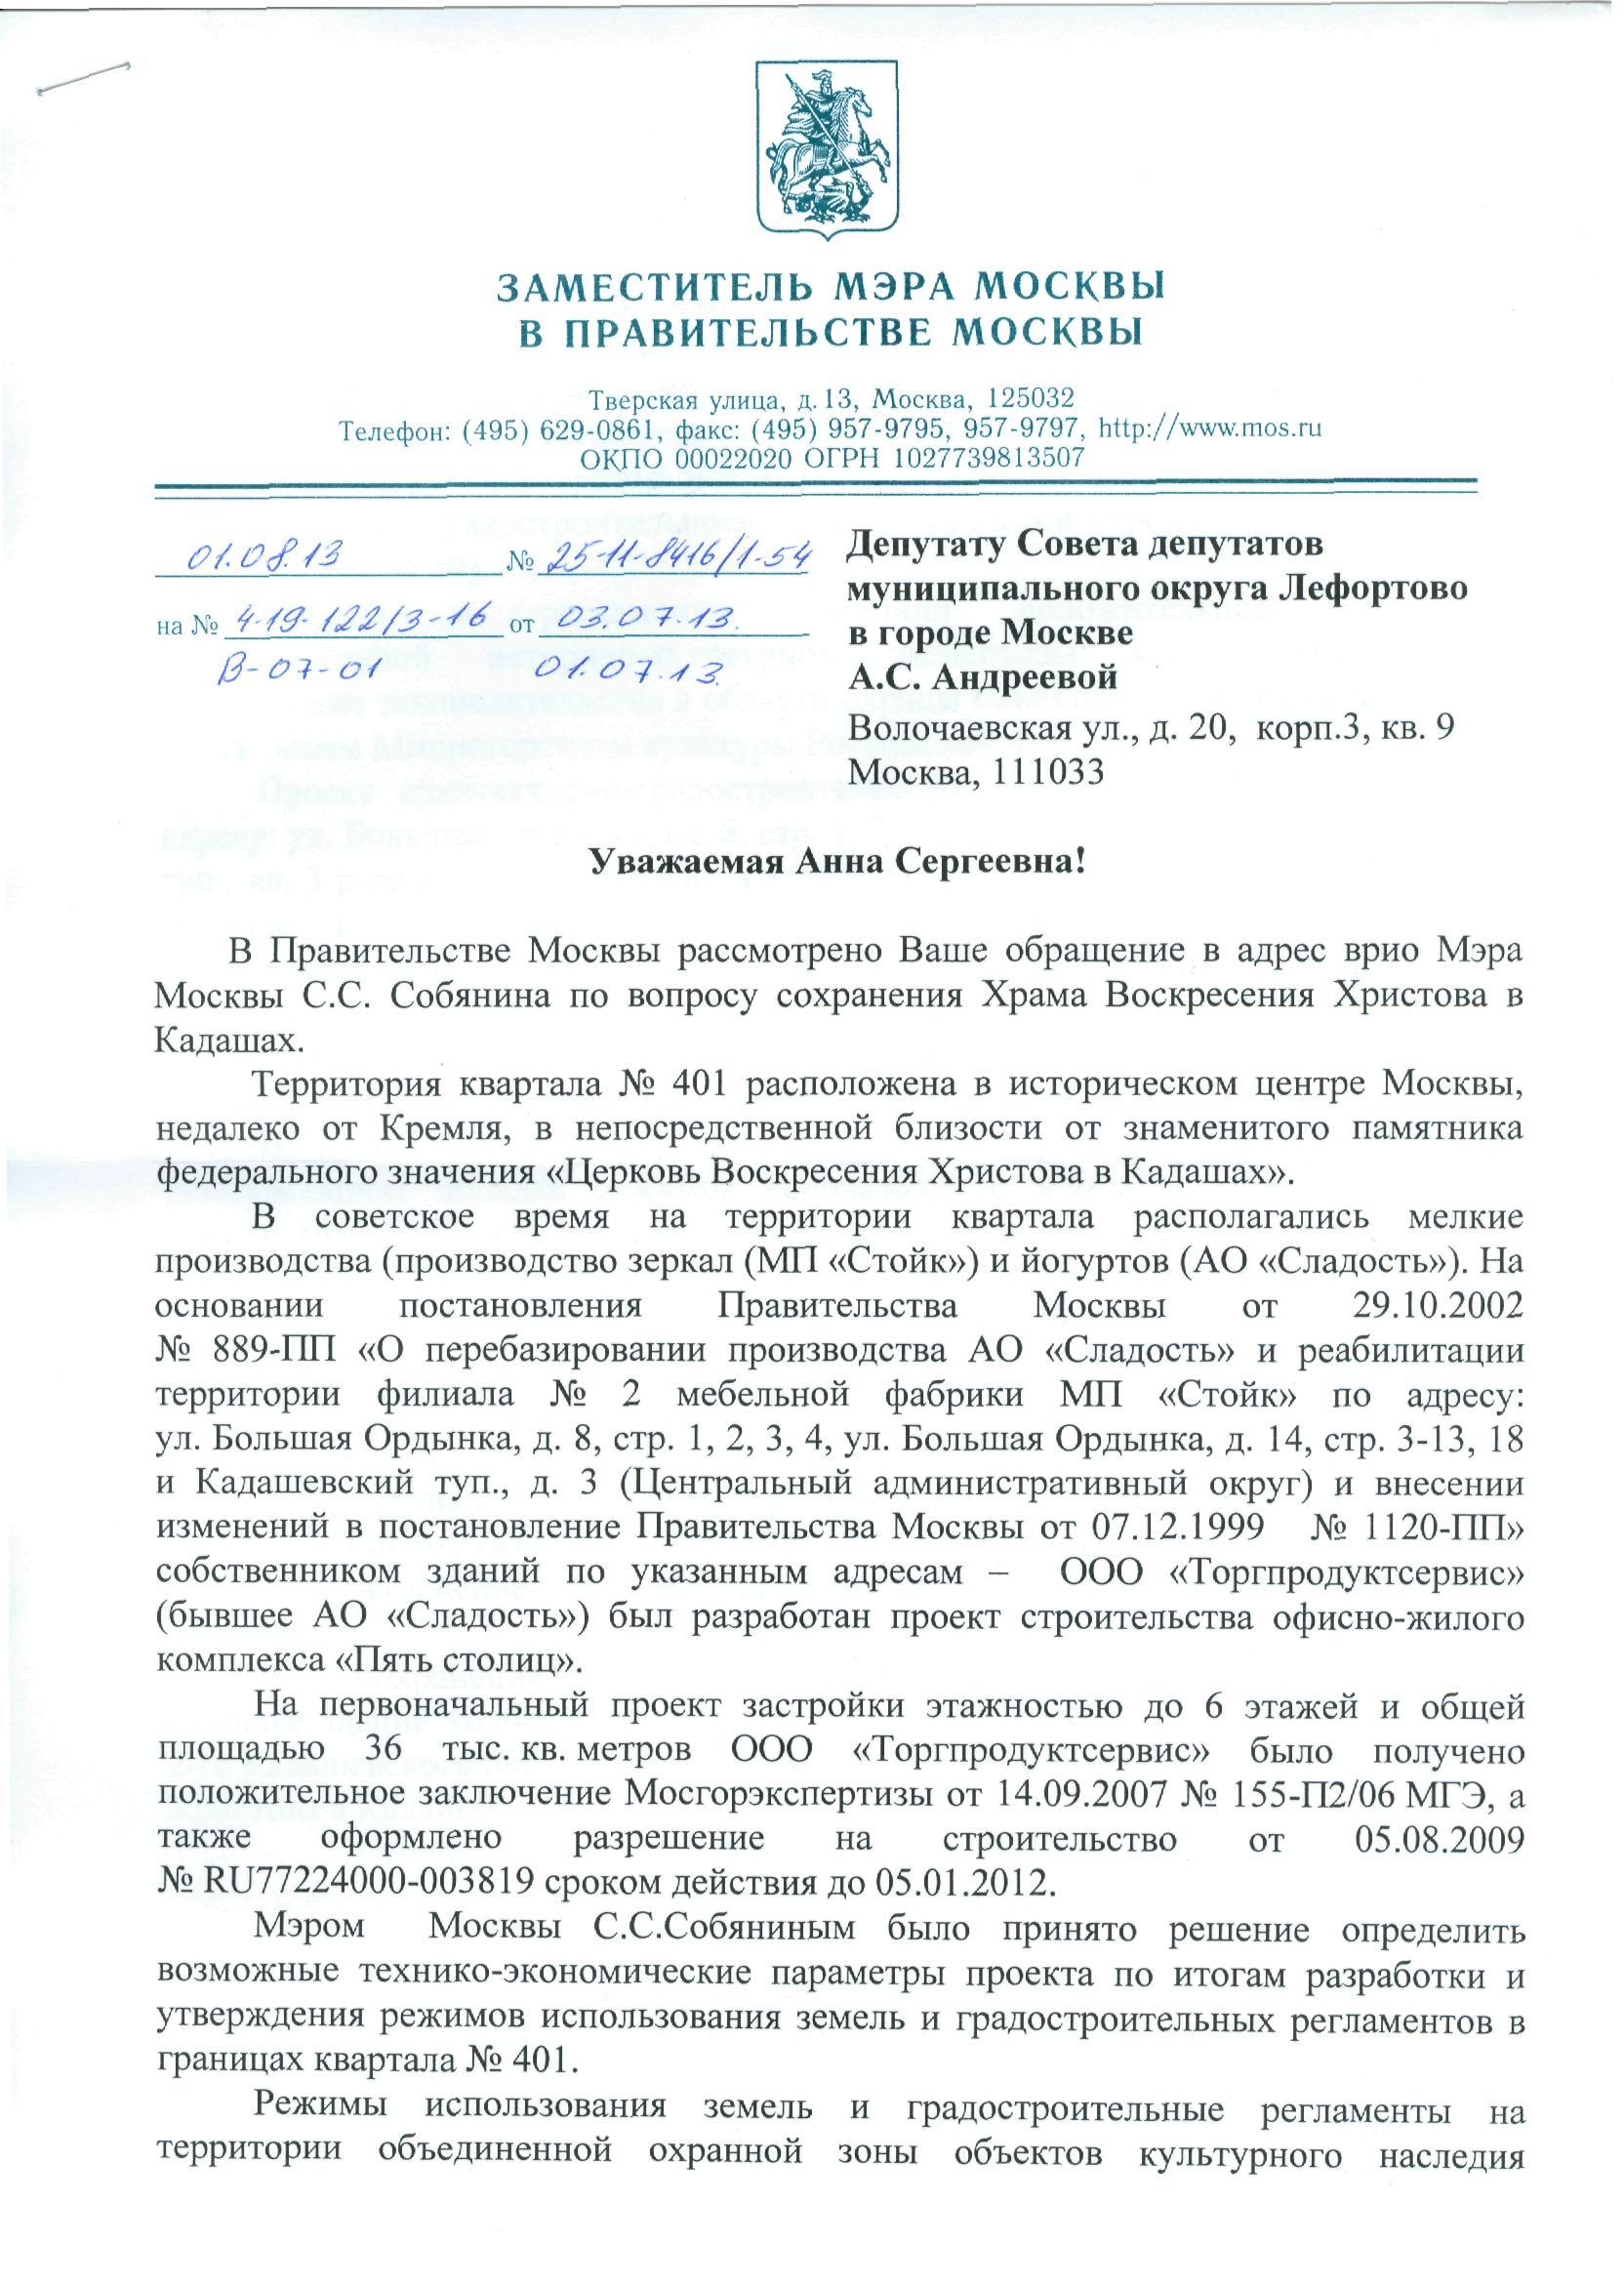 2013.08.01_на В-07-01_мэрия_стр. 1